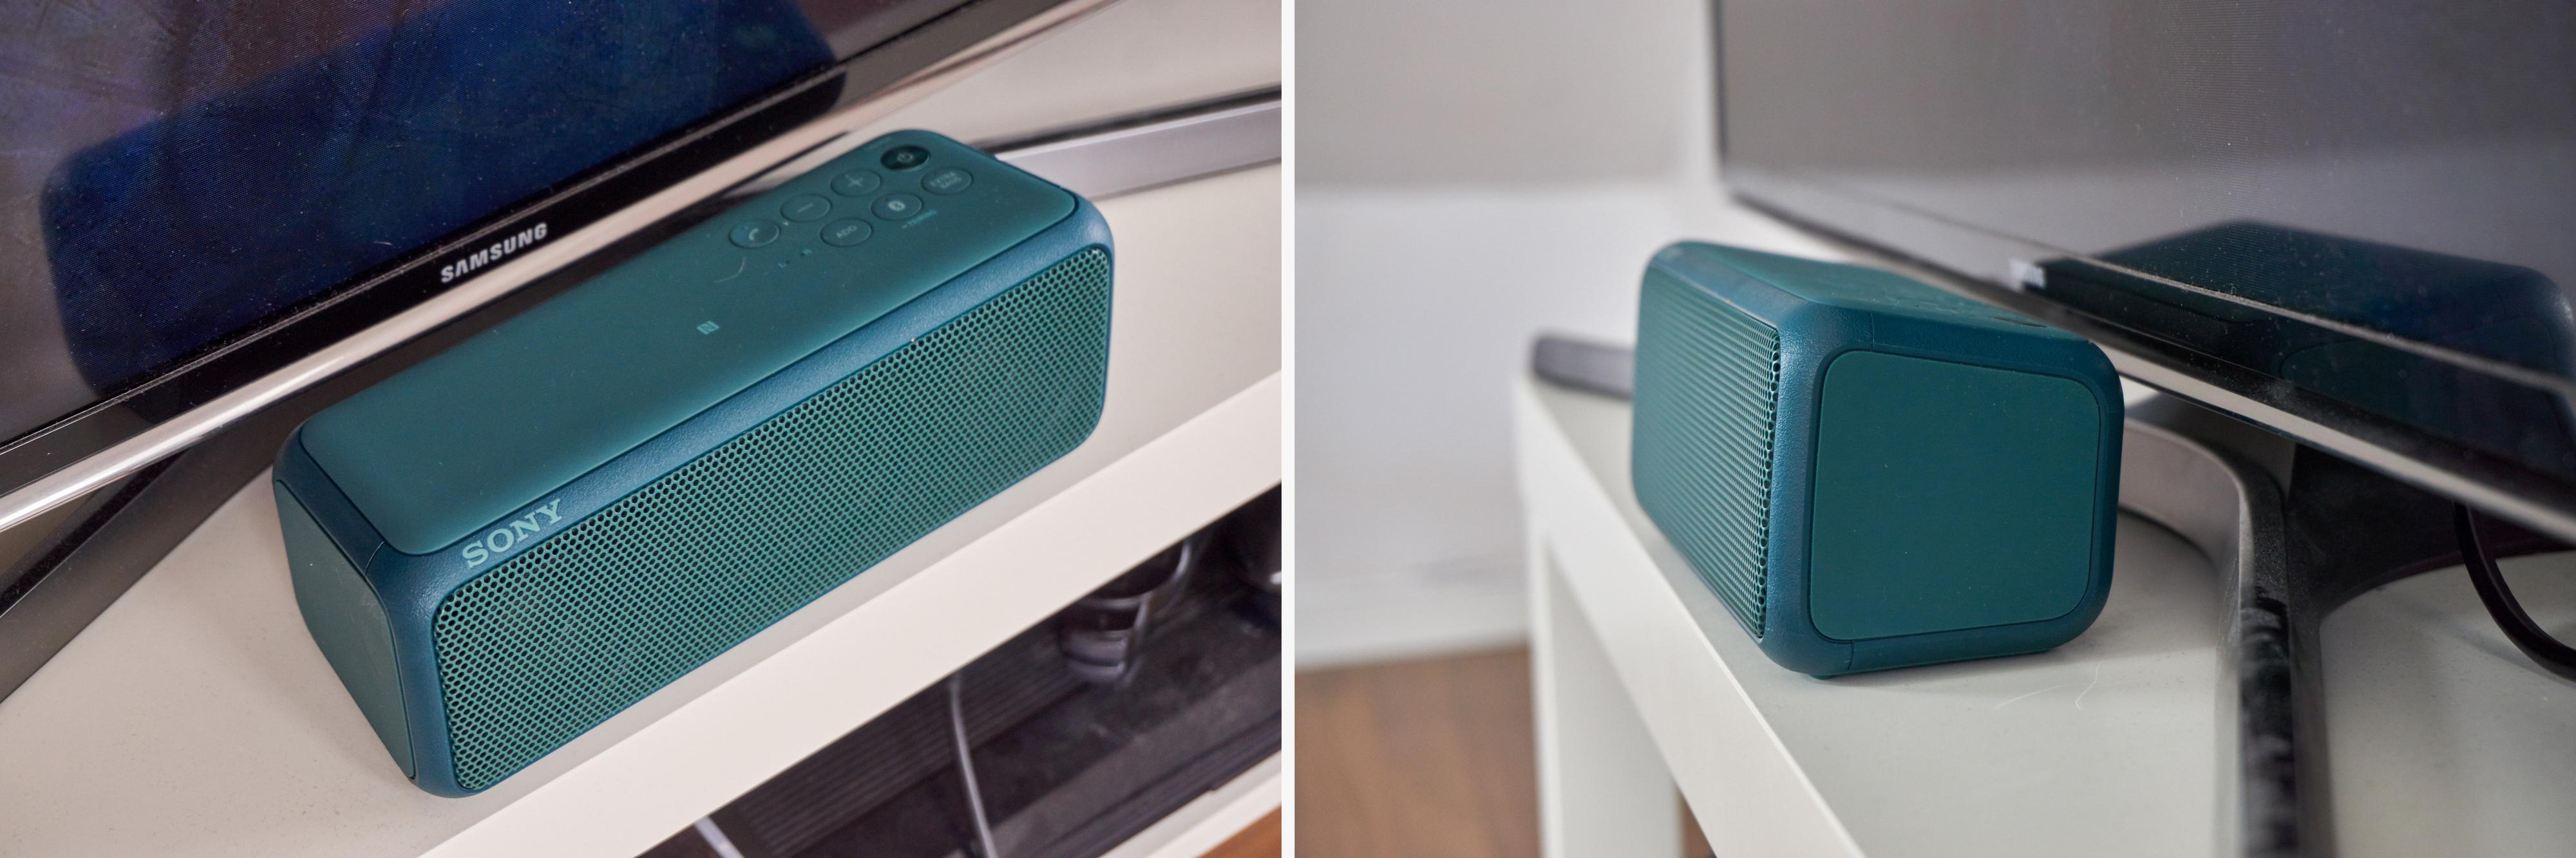 Sonys høyttaler er svært stilren, og passer like godt i stua som på farta – kanskje bedre, til og med. Selskapet har lagt sin elsk på rene flater og avrundede kanter for tiden, i nær sagt alle produktkategorier.